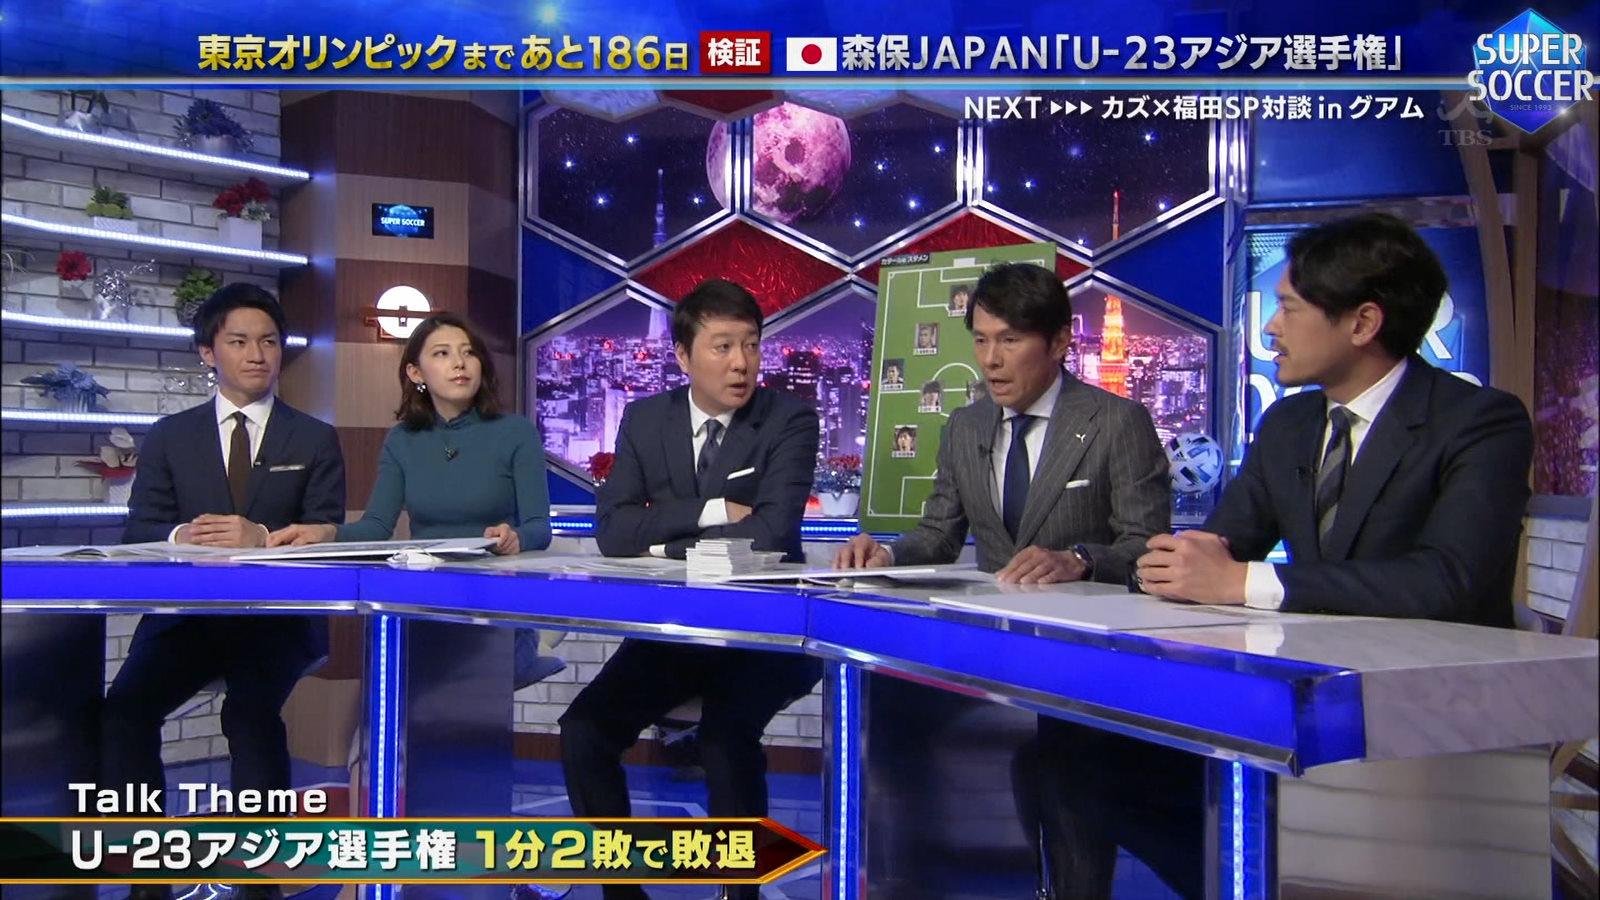 上村彩子_女子アナ_おっぱい_スーパーサッカー_04